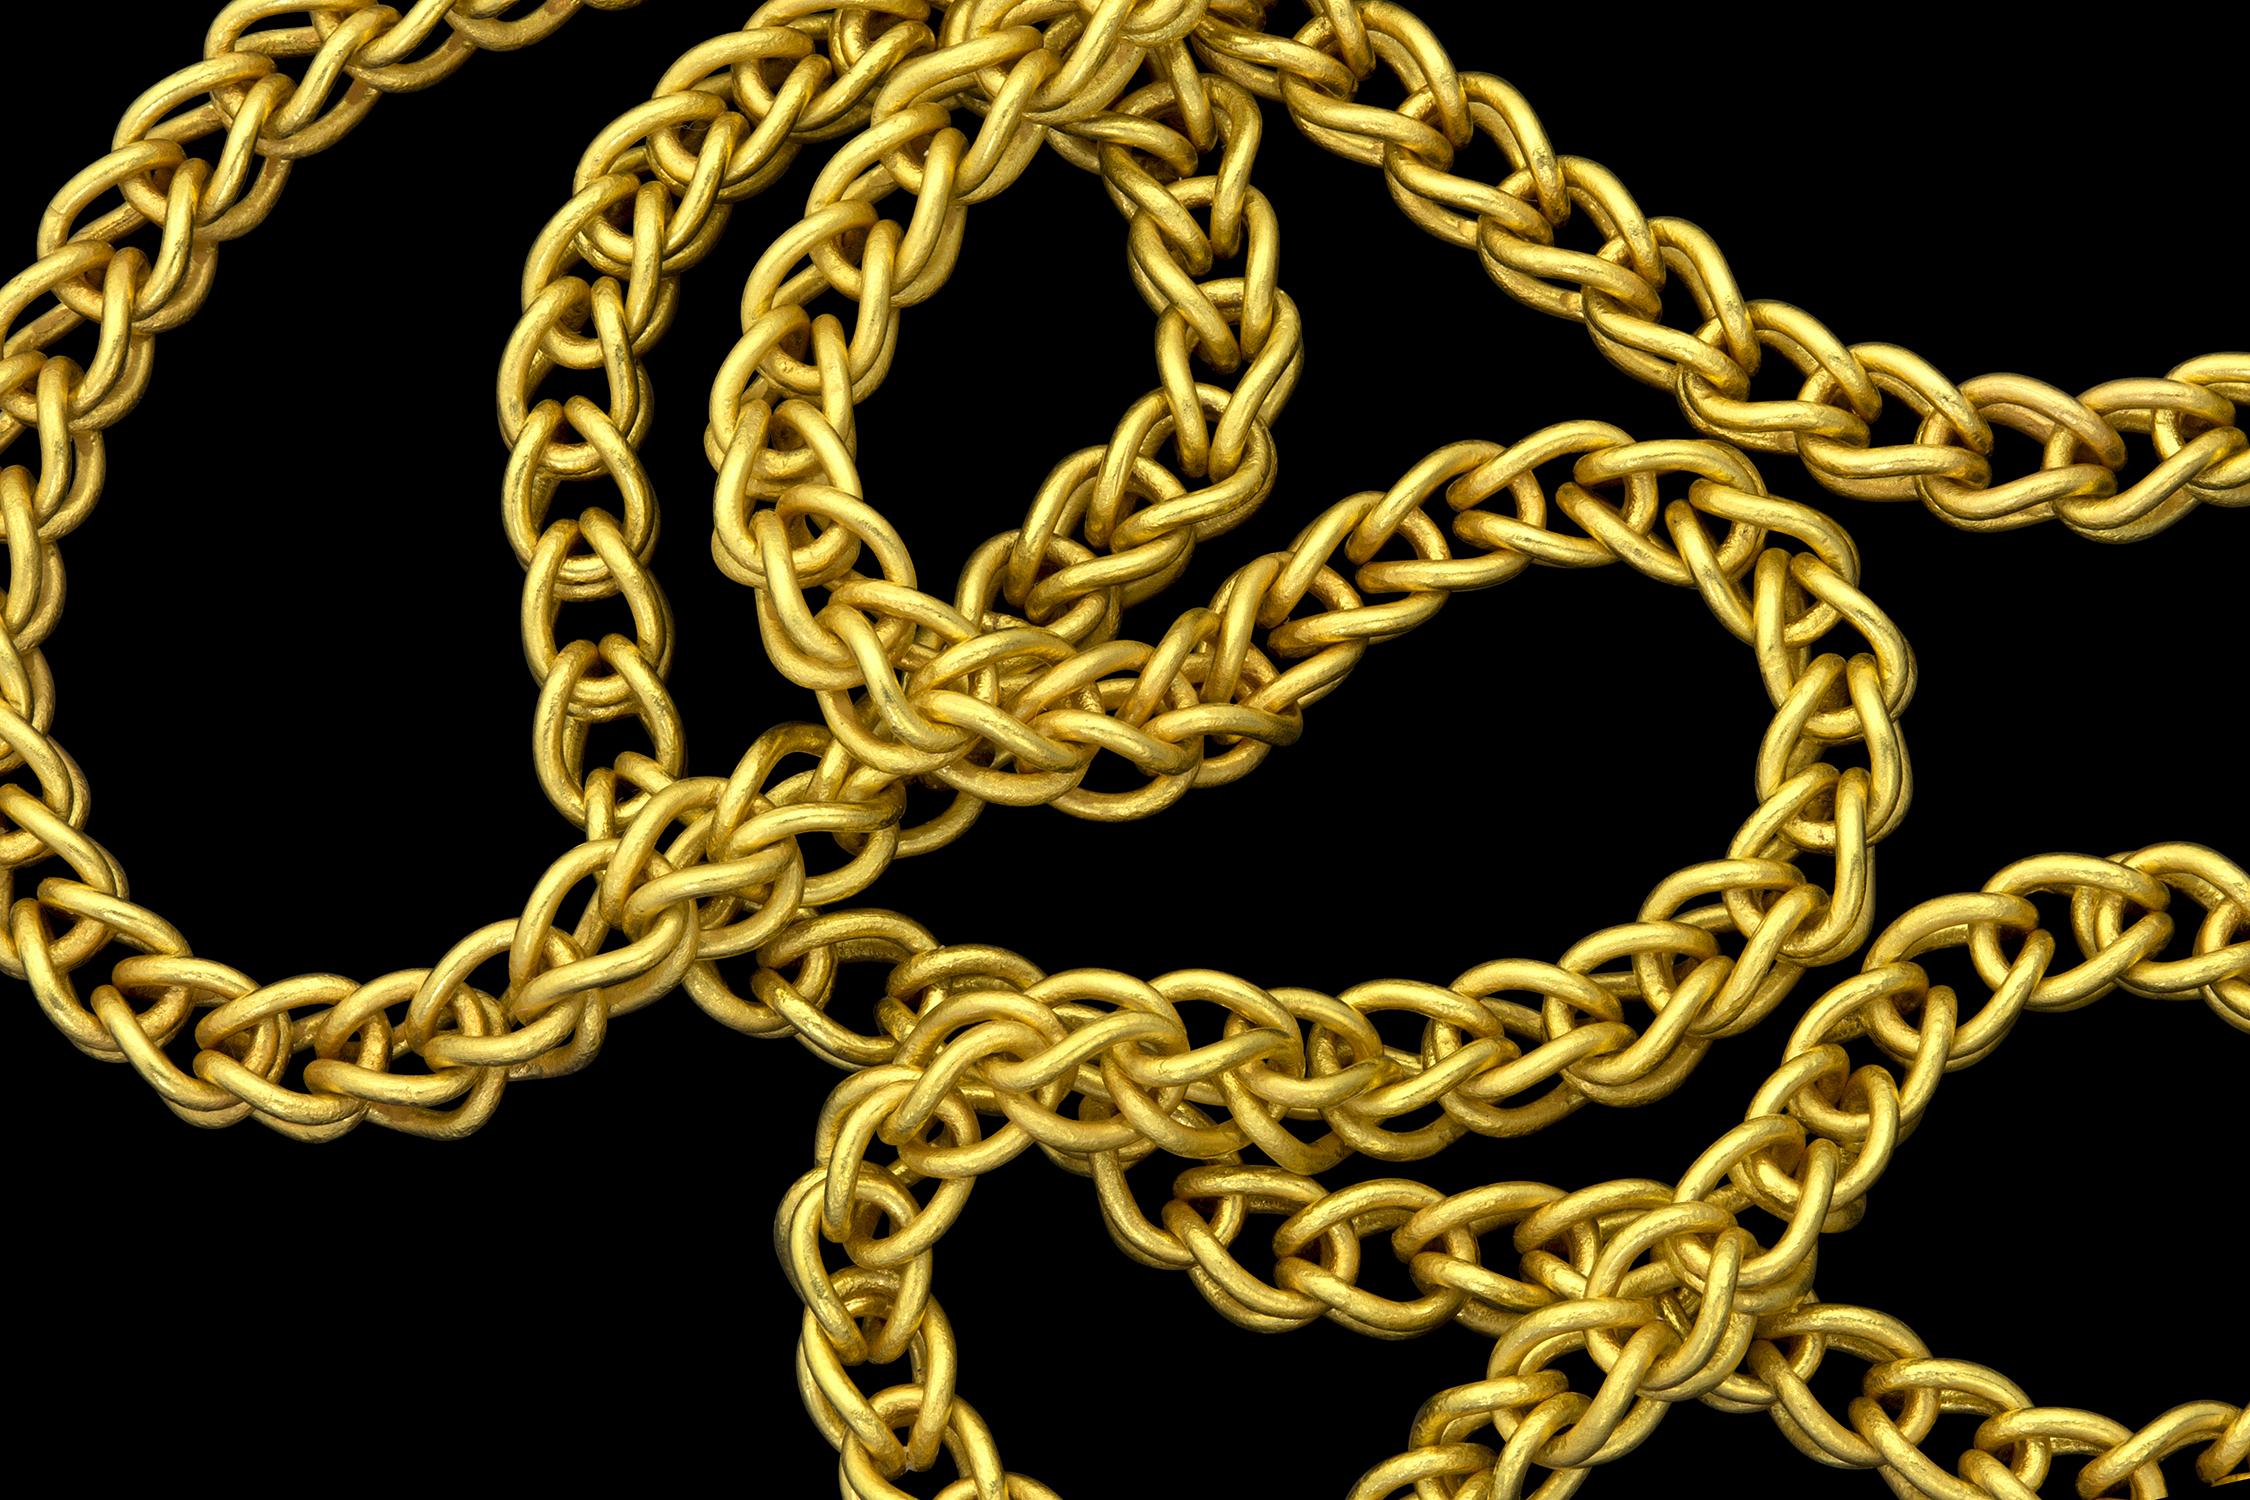 LN Chain 1 Detail Blk copy.jpg